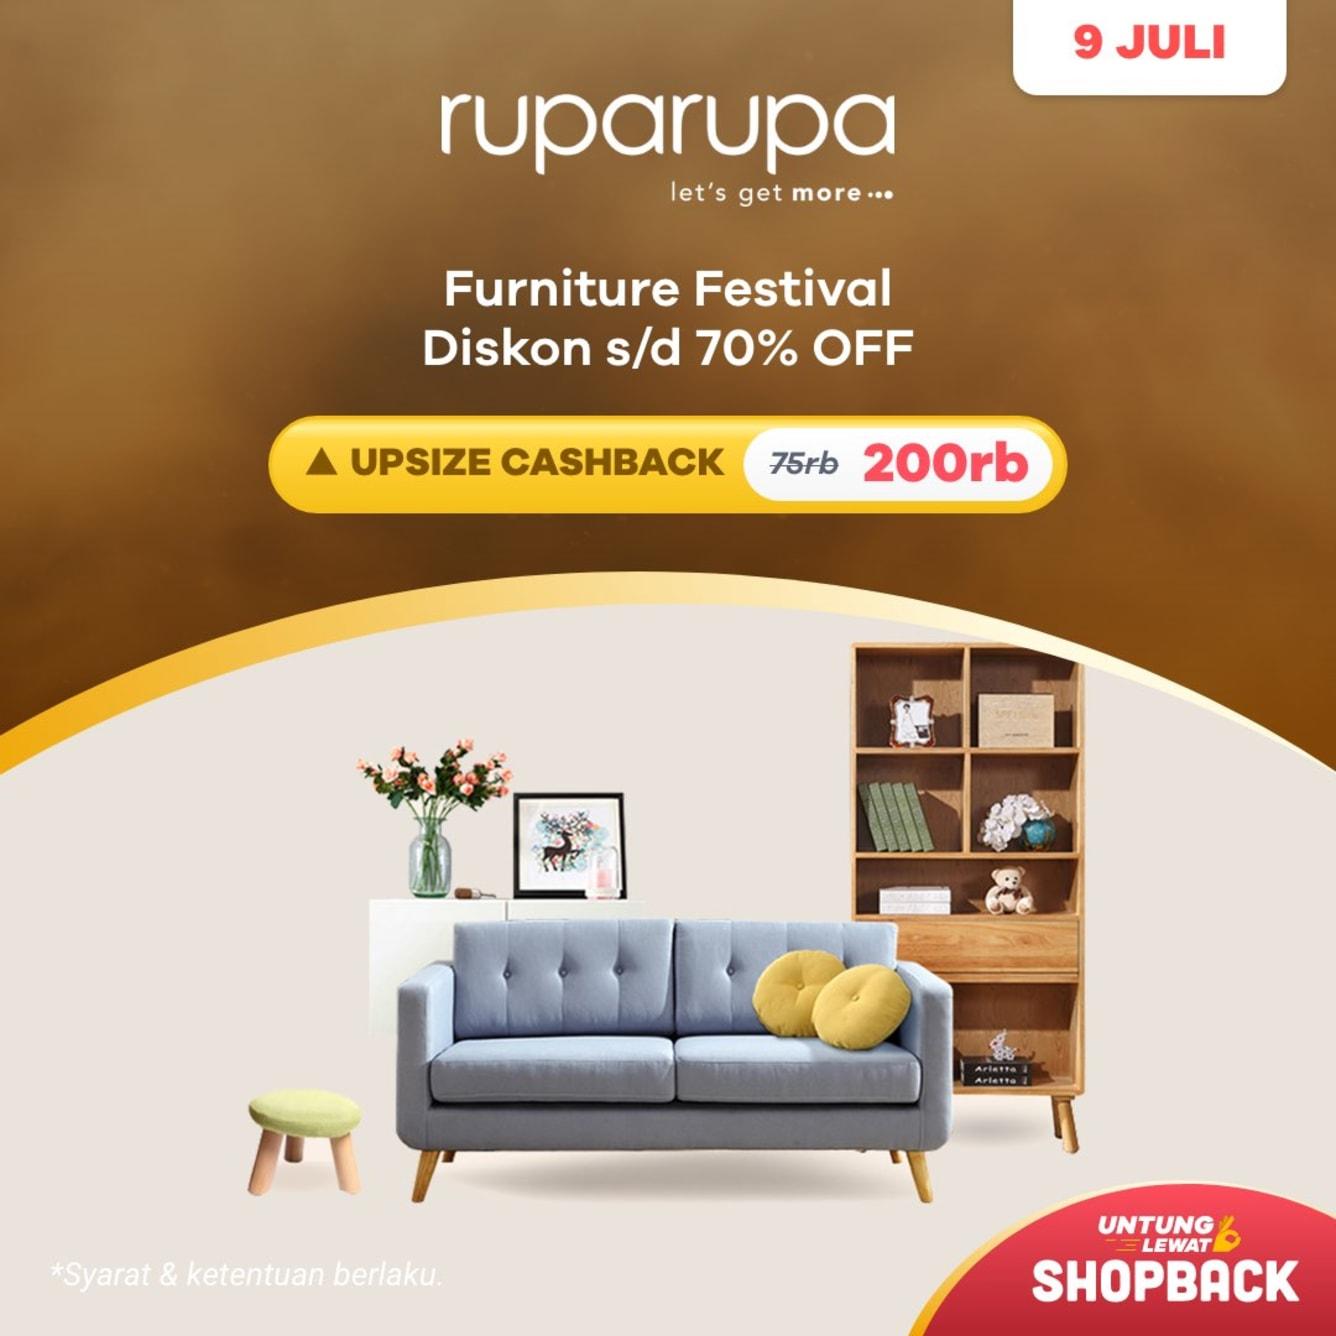 Week 28 - Promo Ruparupa